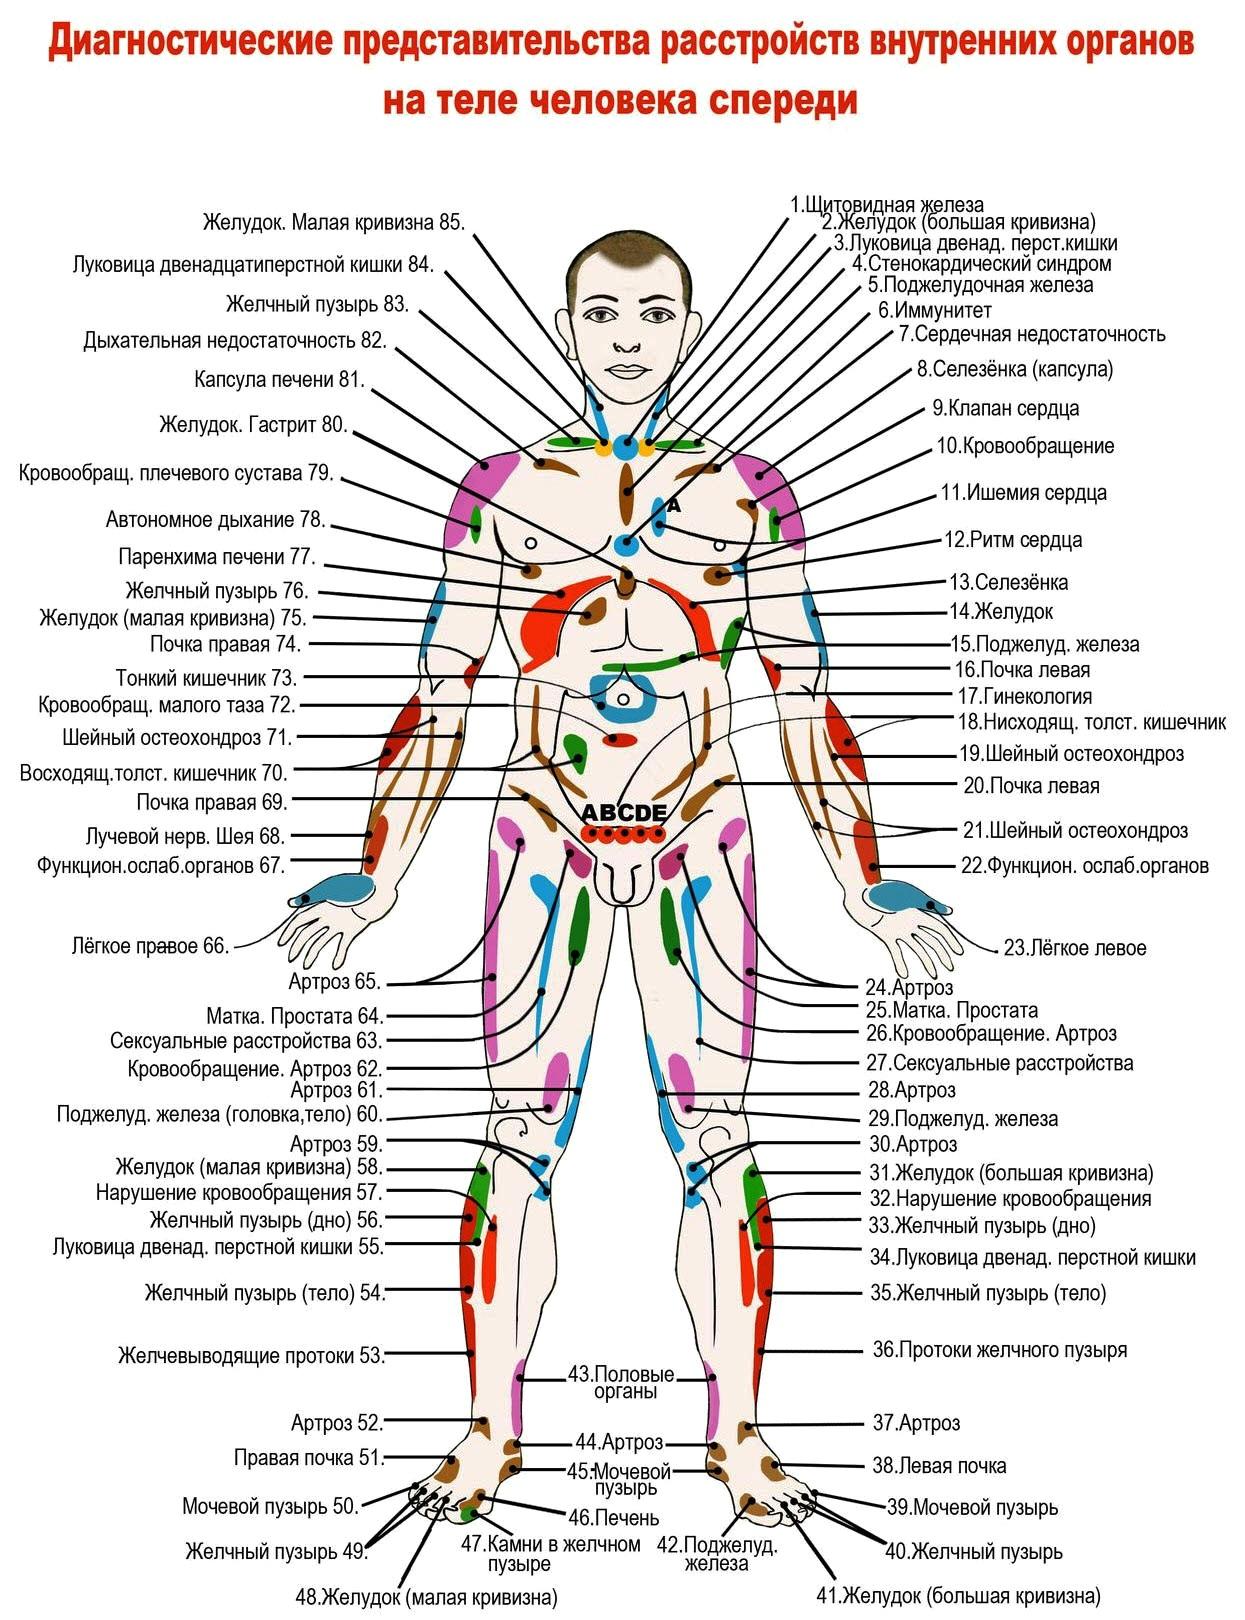 Диагностика по зонам Захарьина-Геда. Правила проведения